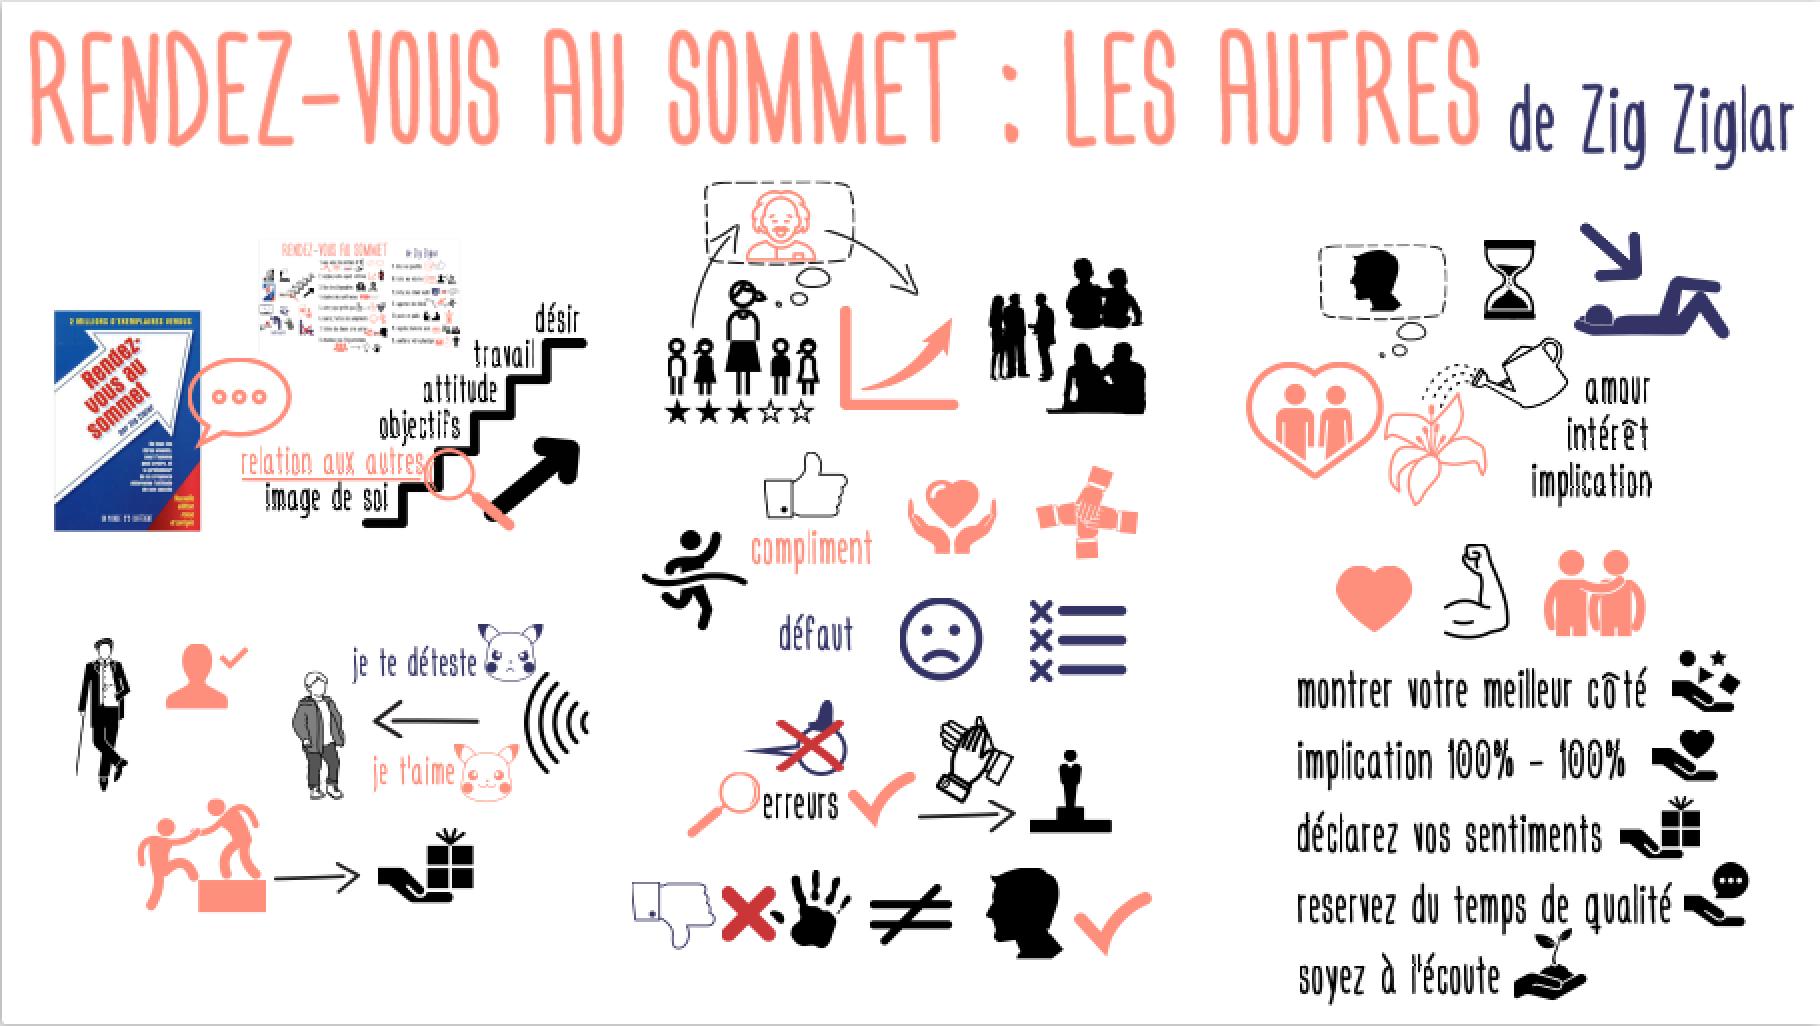 RdVSommet_LesAutres